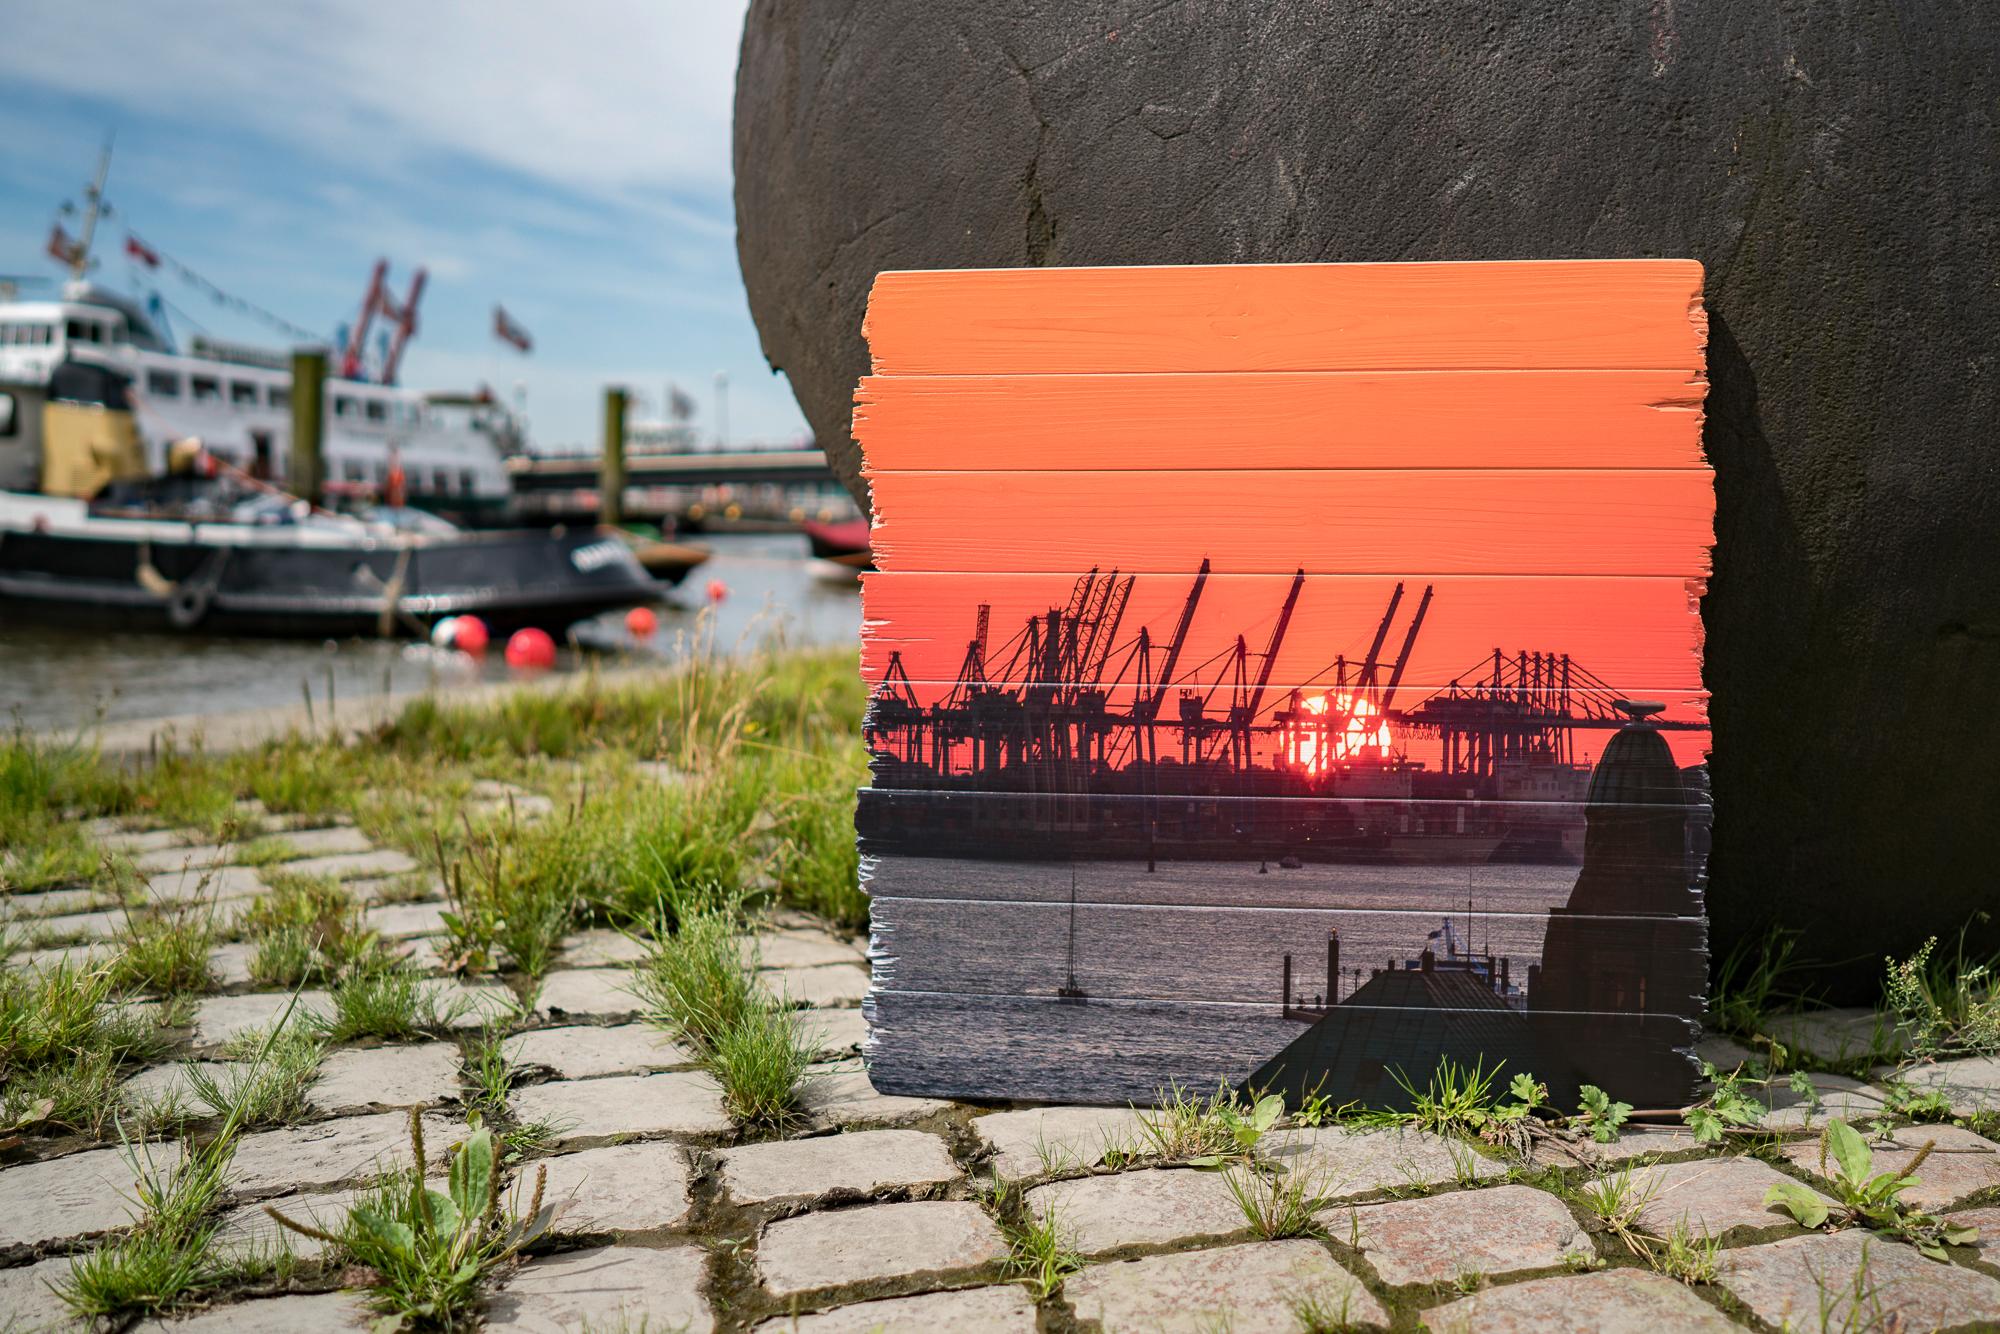 Hamburg Bild auf Holz gedruckt